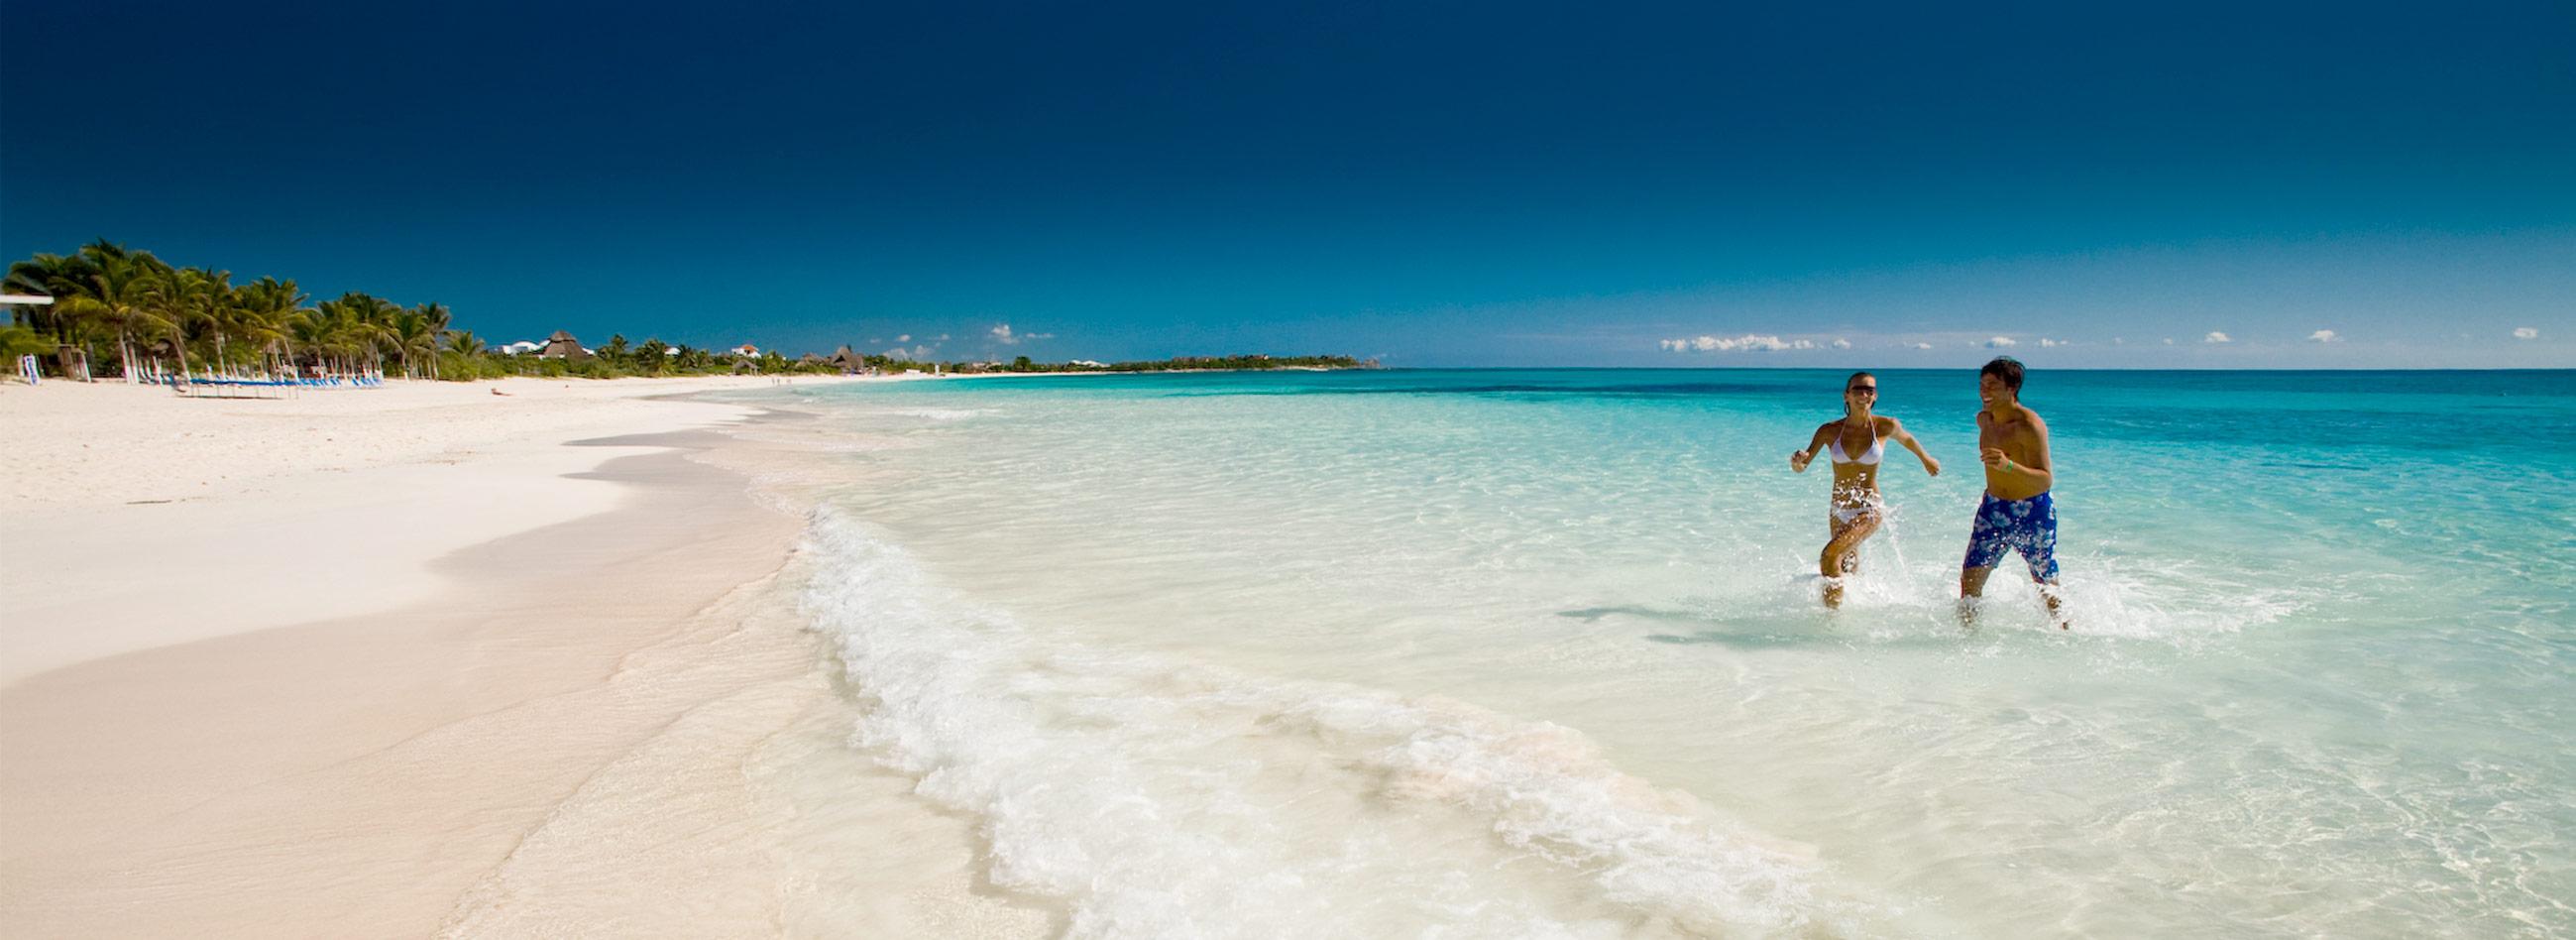 1-paraiso-caribe-hoteles-catalonia